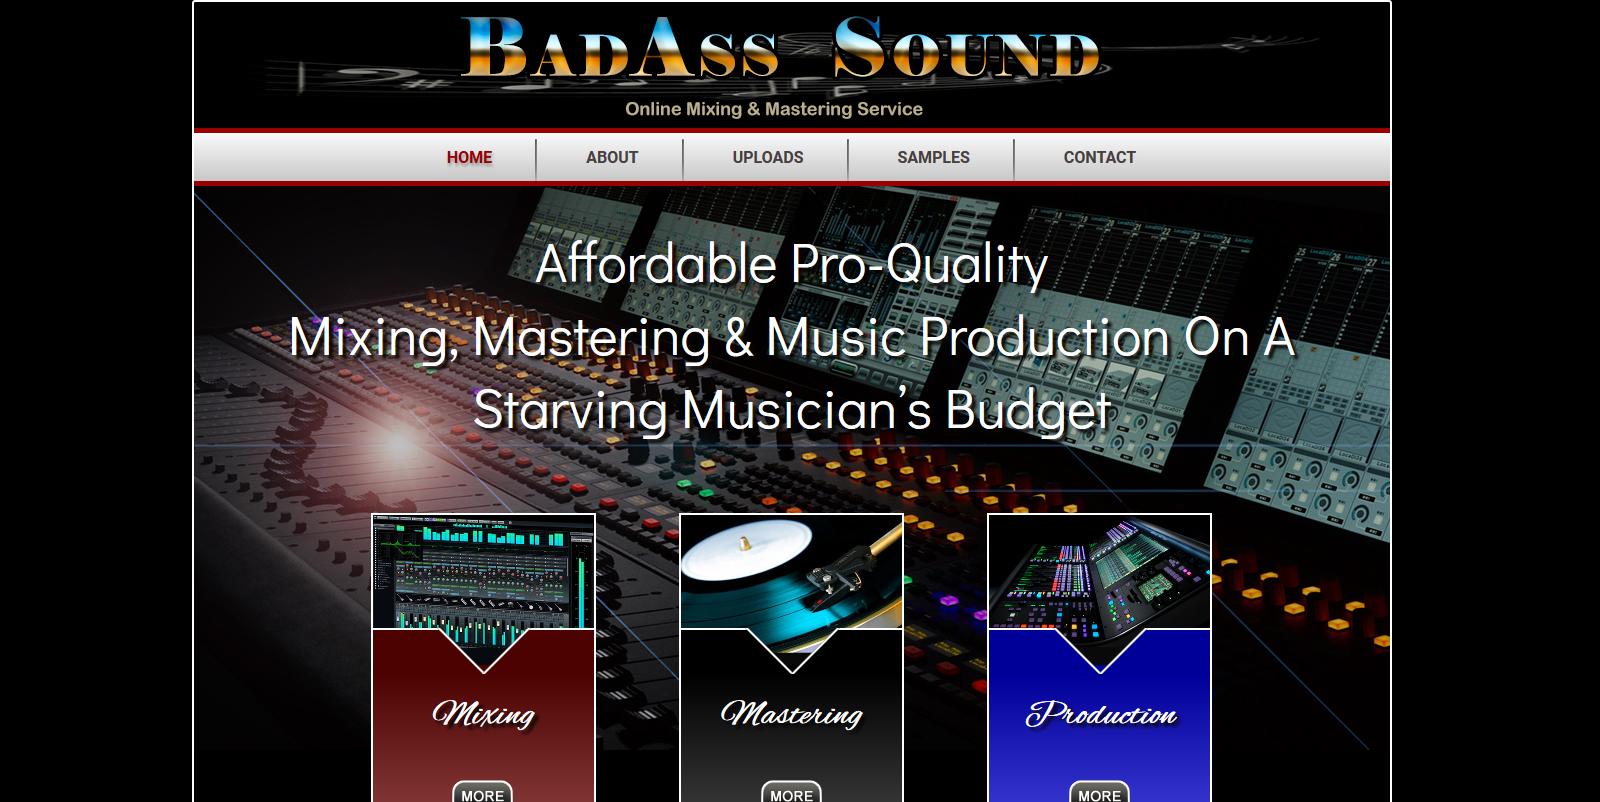 Badass Sound